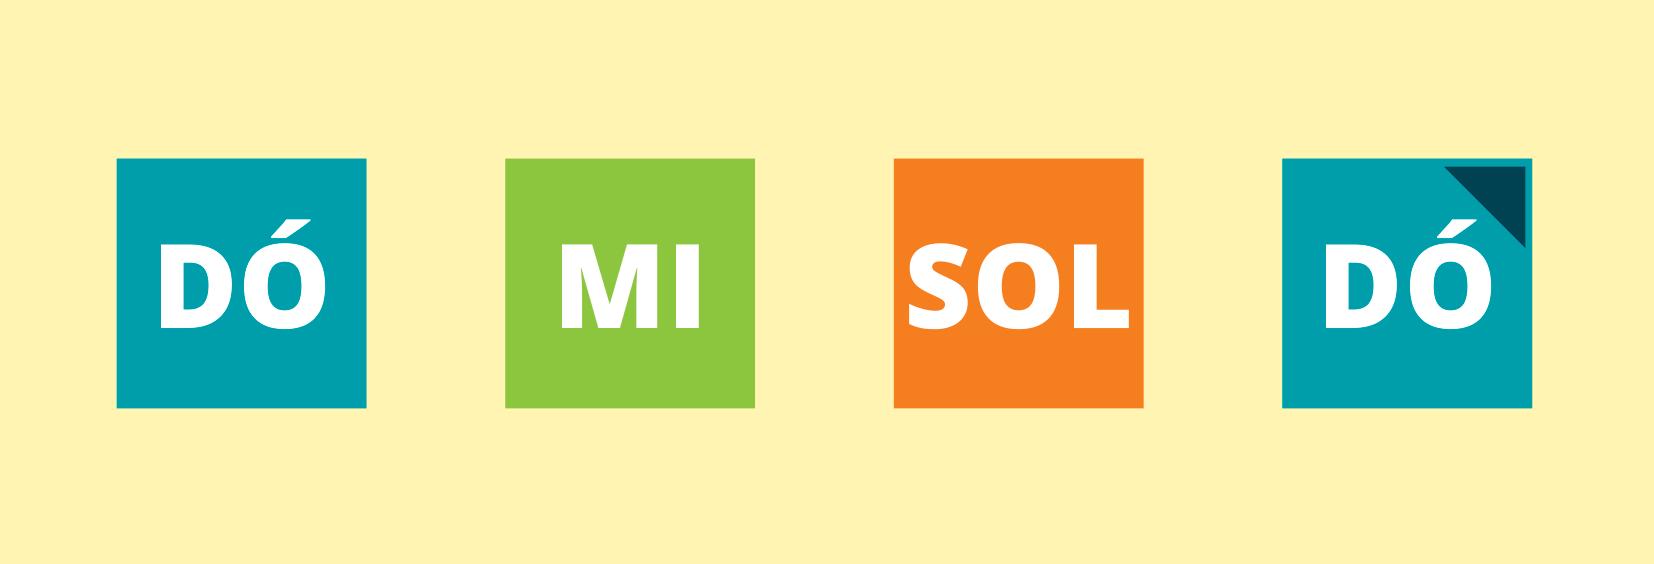 ilustração de quatro quadrados coloridos, onde em cada um dele está contido uma nota musical, na seguinte ordem: DÓ, MI, SOL e DÓ